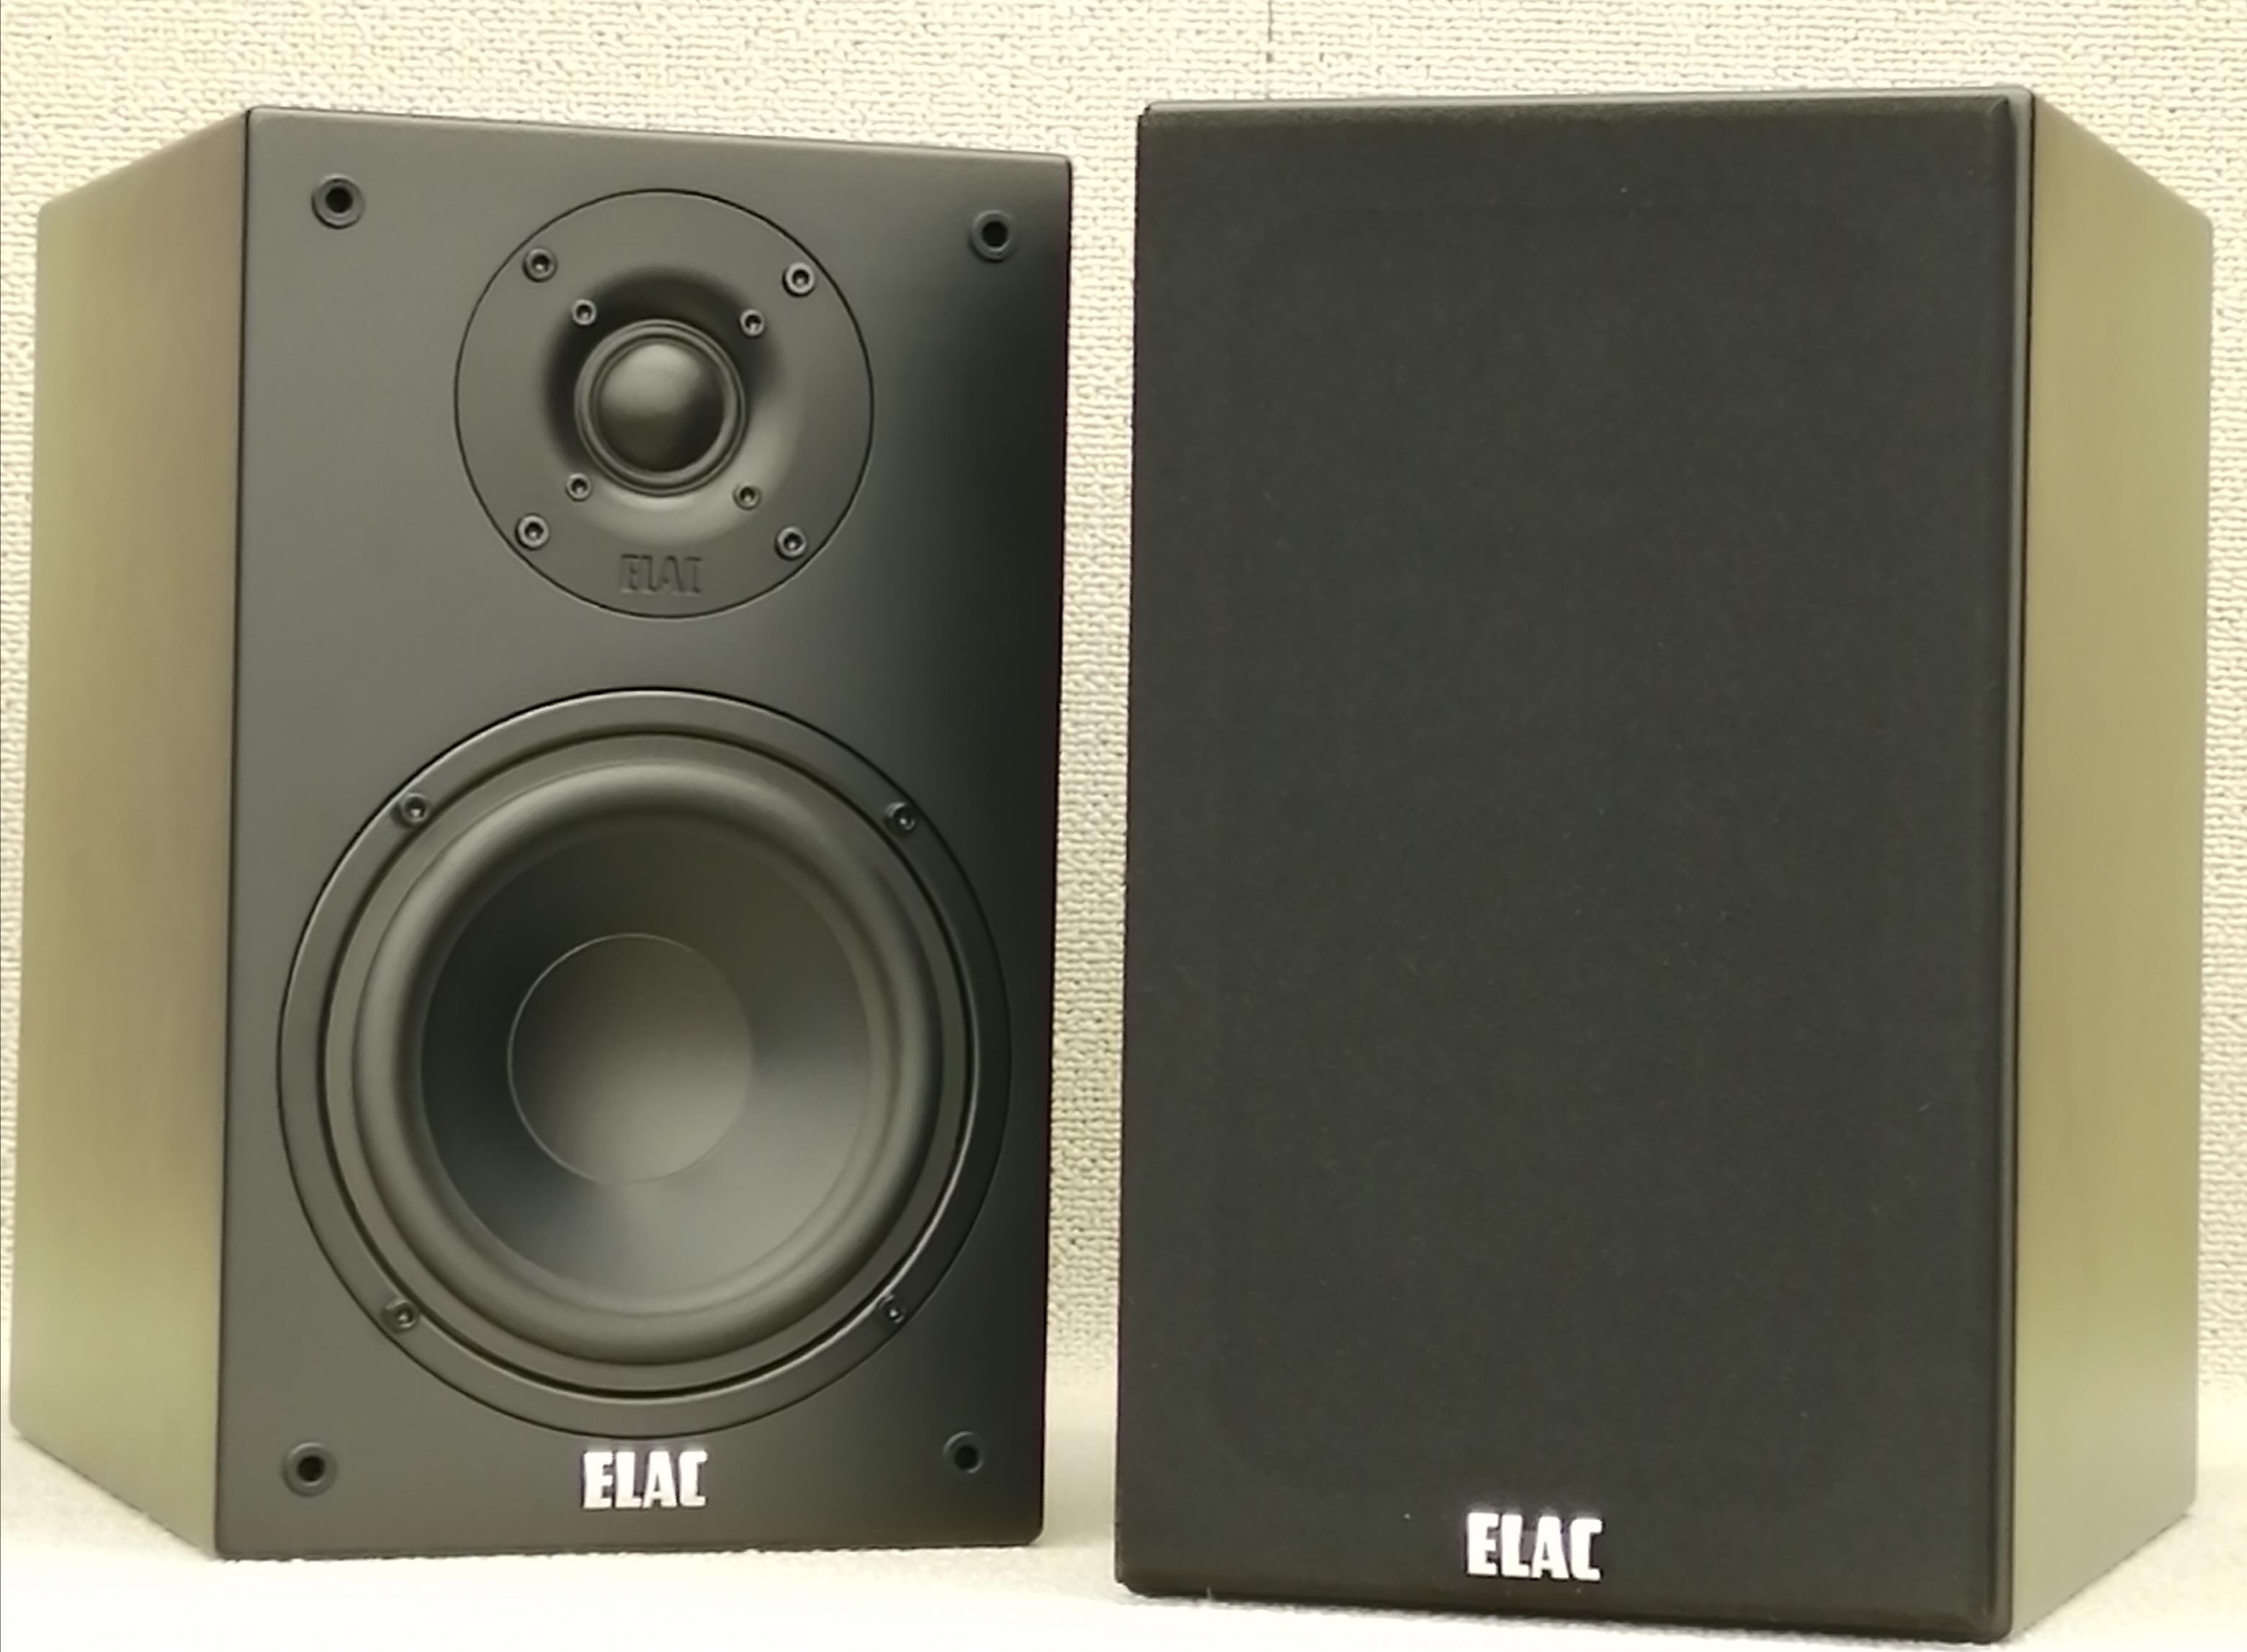 ピュア・オーディオからAVユースまで柔軟な対応力 ELAC